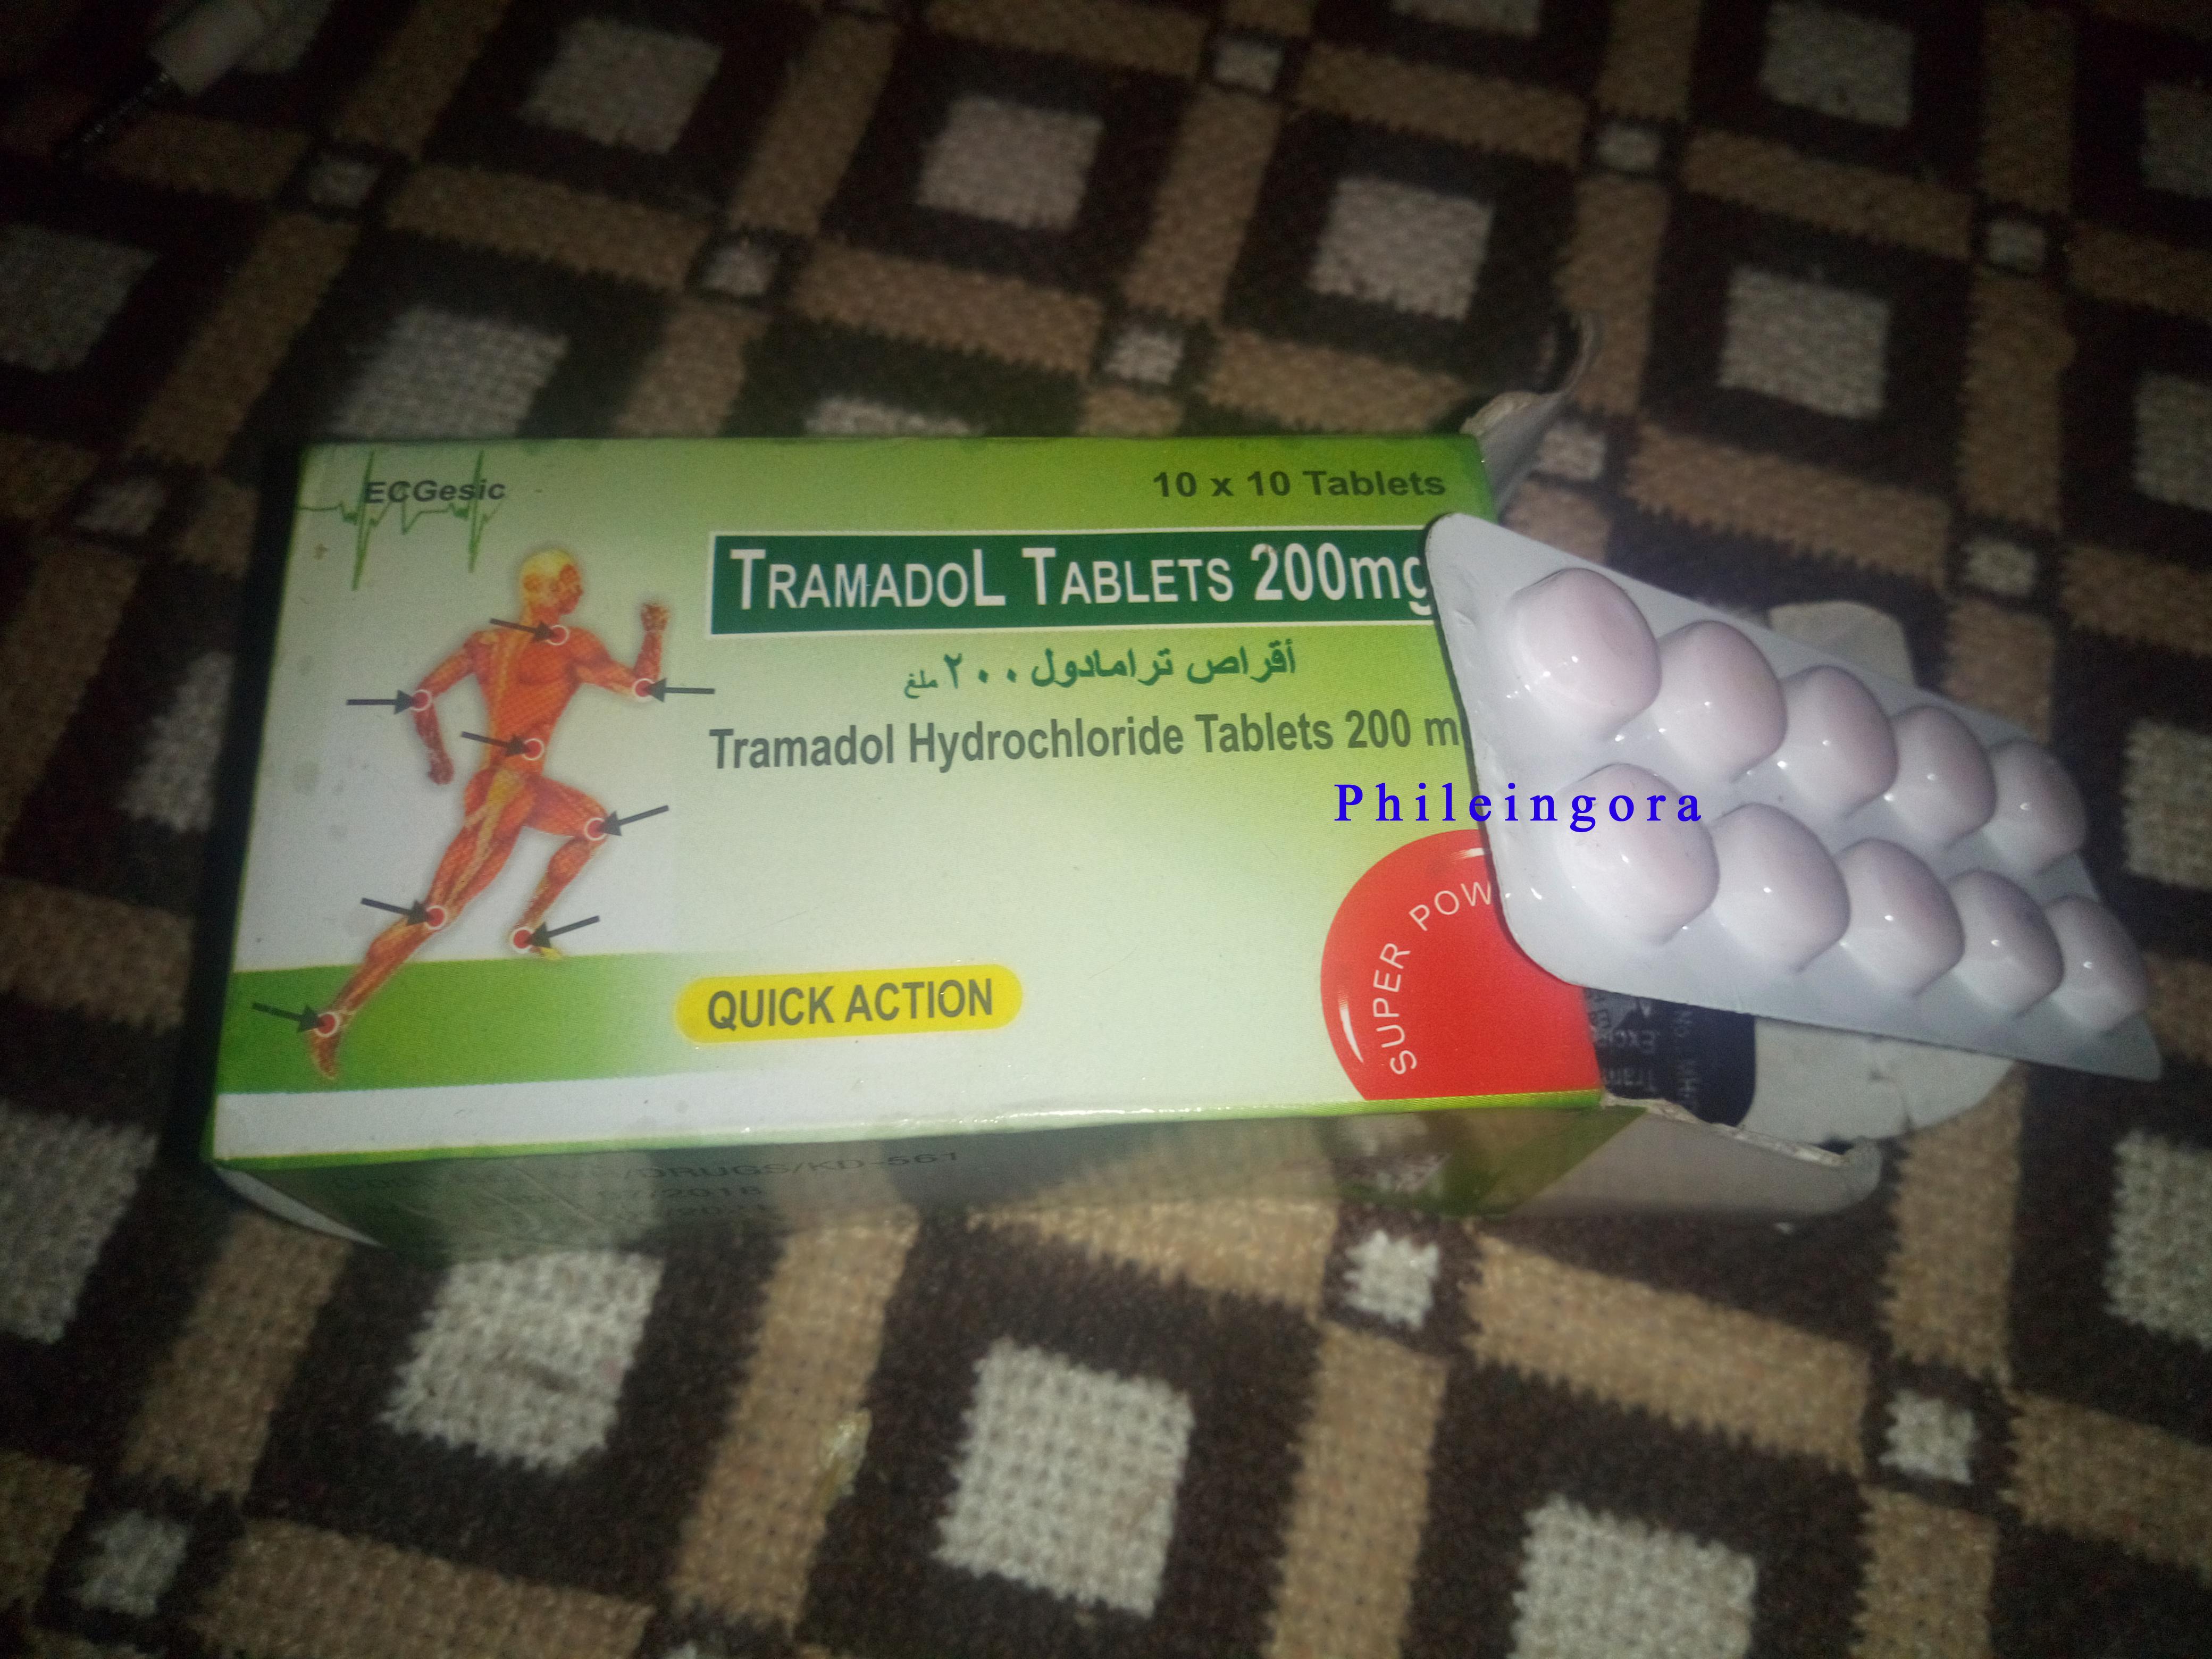 Mali : le Tramadol, ce médicament qui détruit la jeunesse